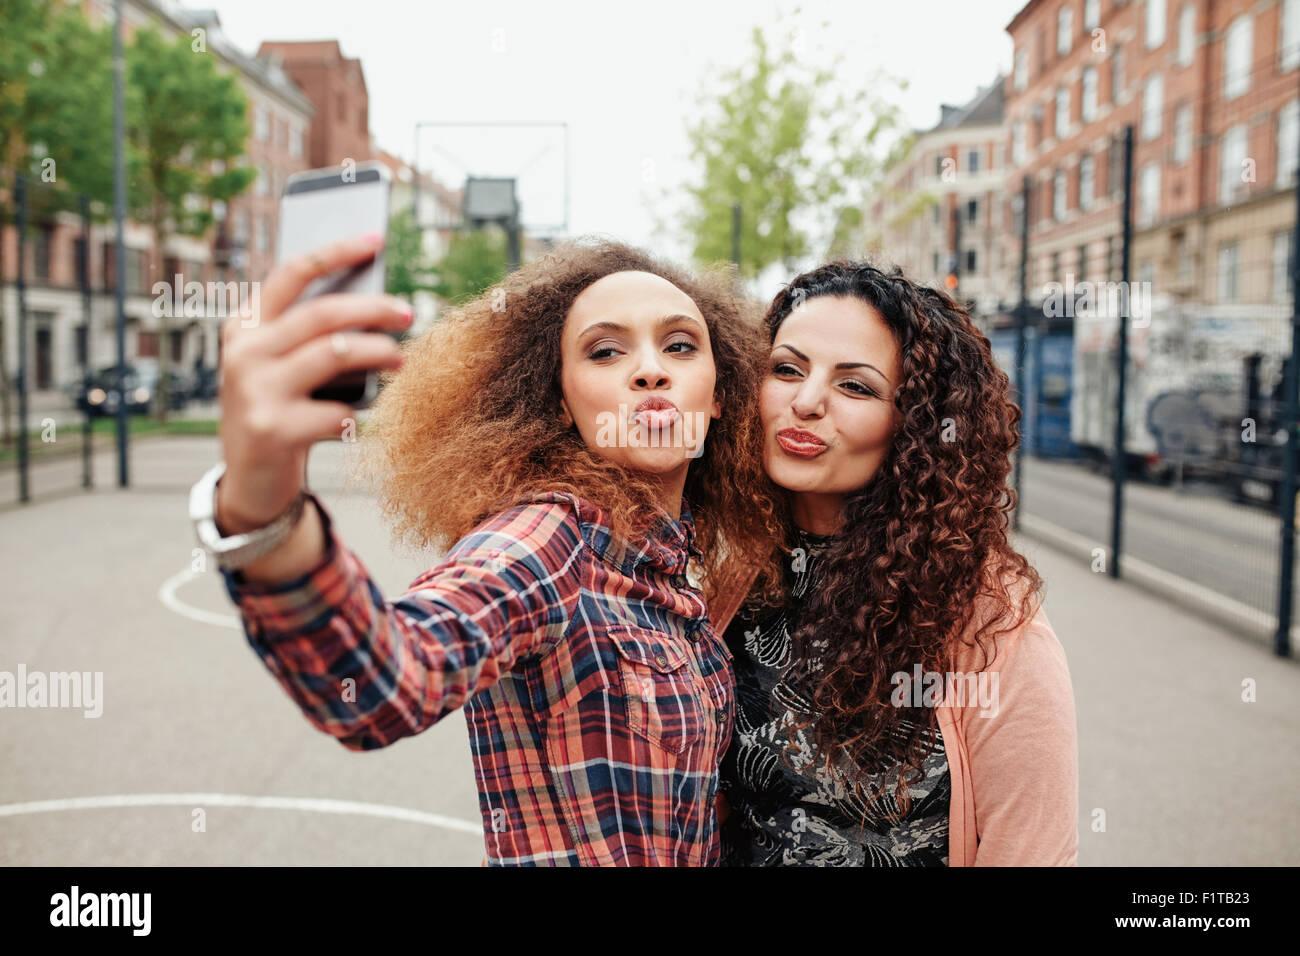 Feliz niñas pout y posar para una selfie. Joven amigos tomando un autorretrato a través de teléfono Imagen De Stock